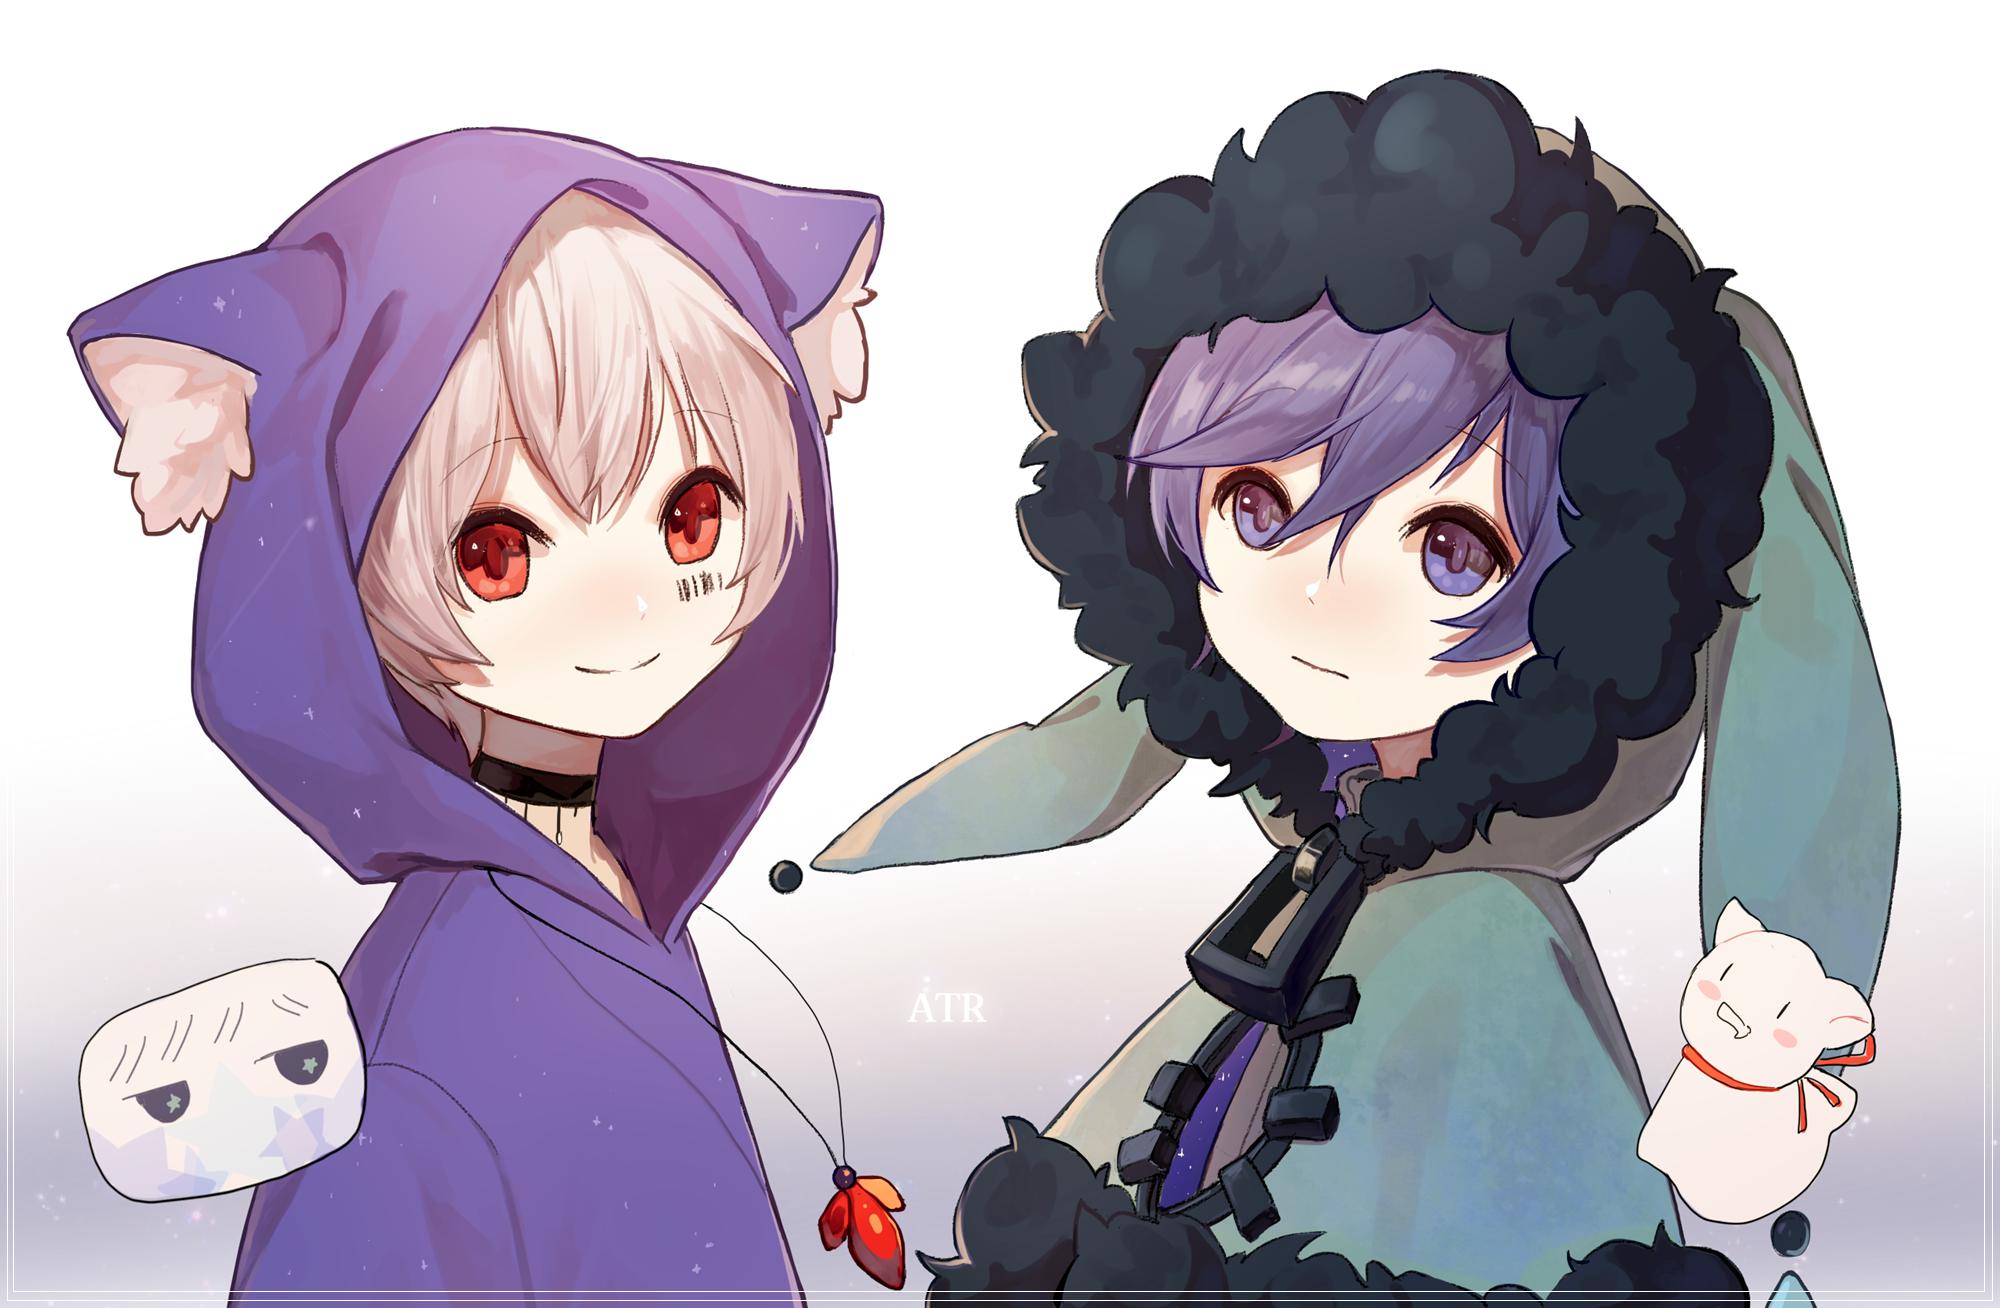 Image Result For Anime Wallpaper Konachan